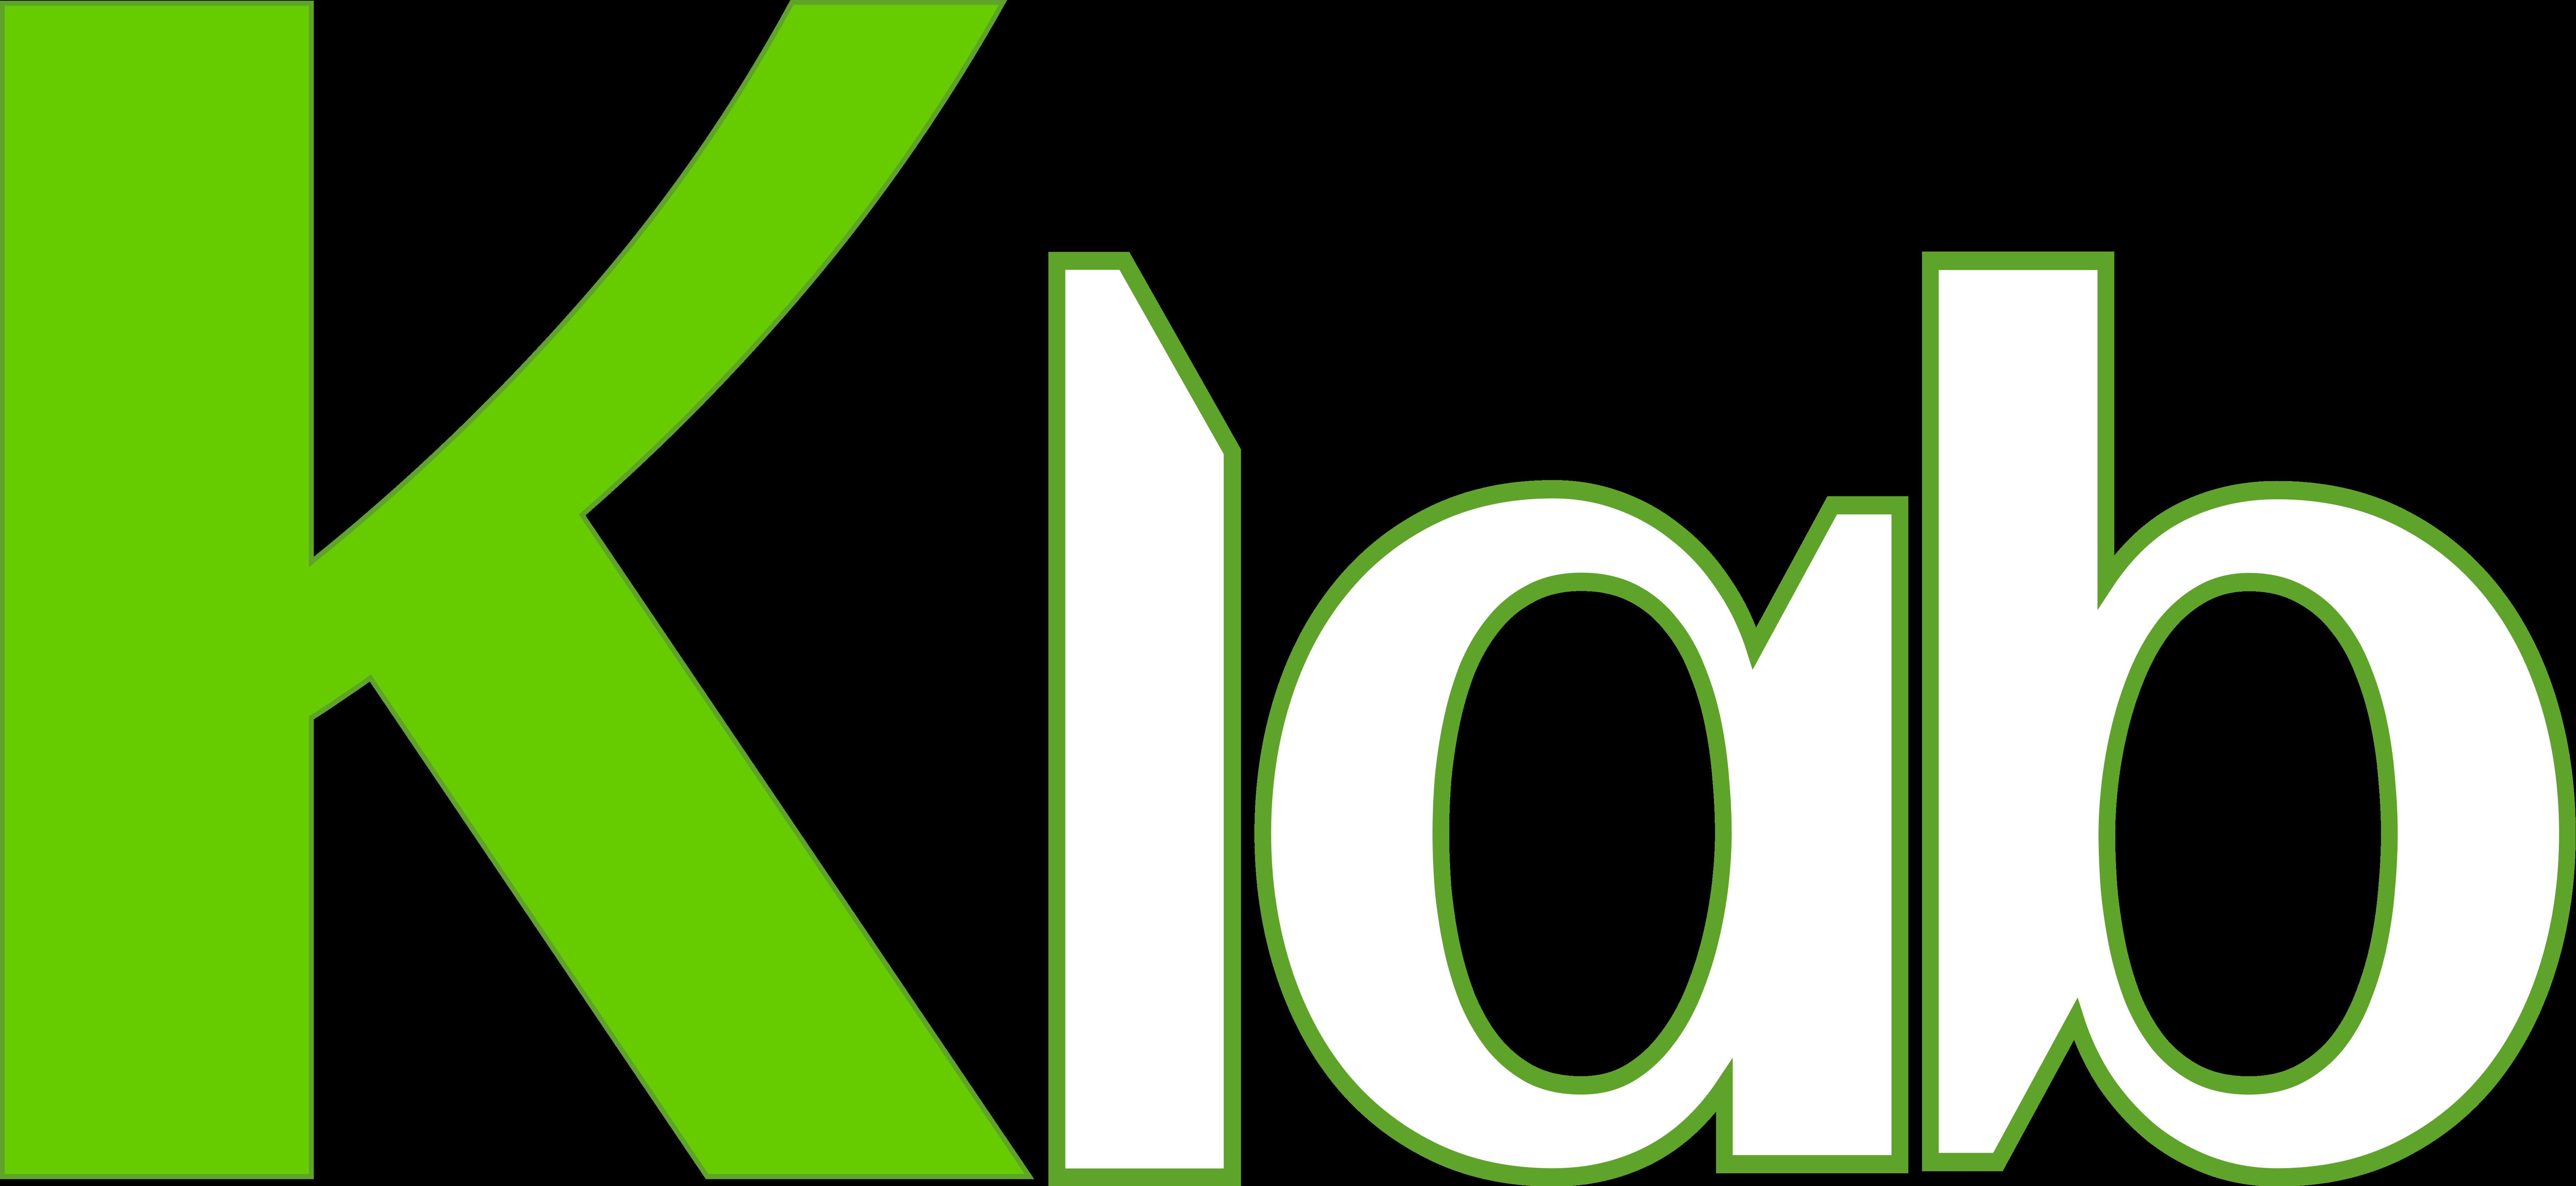 Logo Kualitas